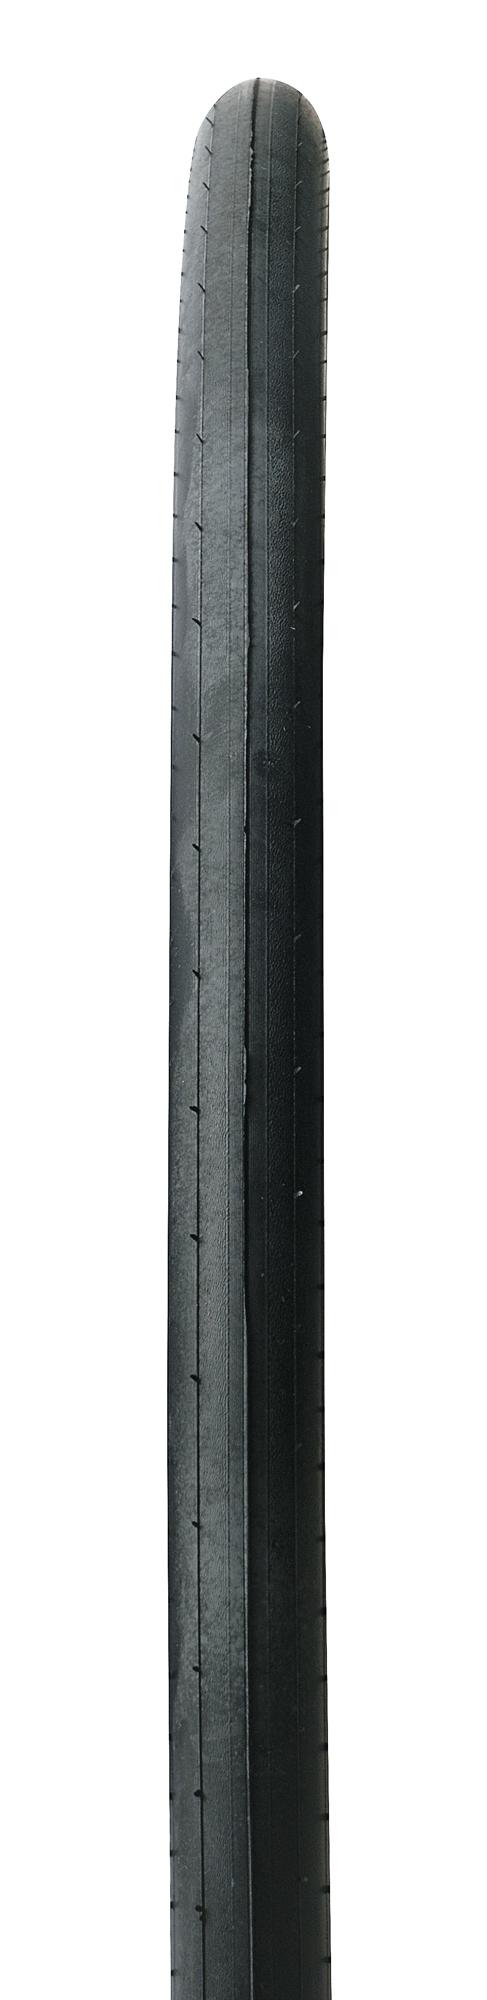 plášť HUTCH.EQUINOX 2 700x25 kevlar set, černý